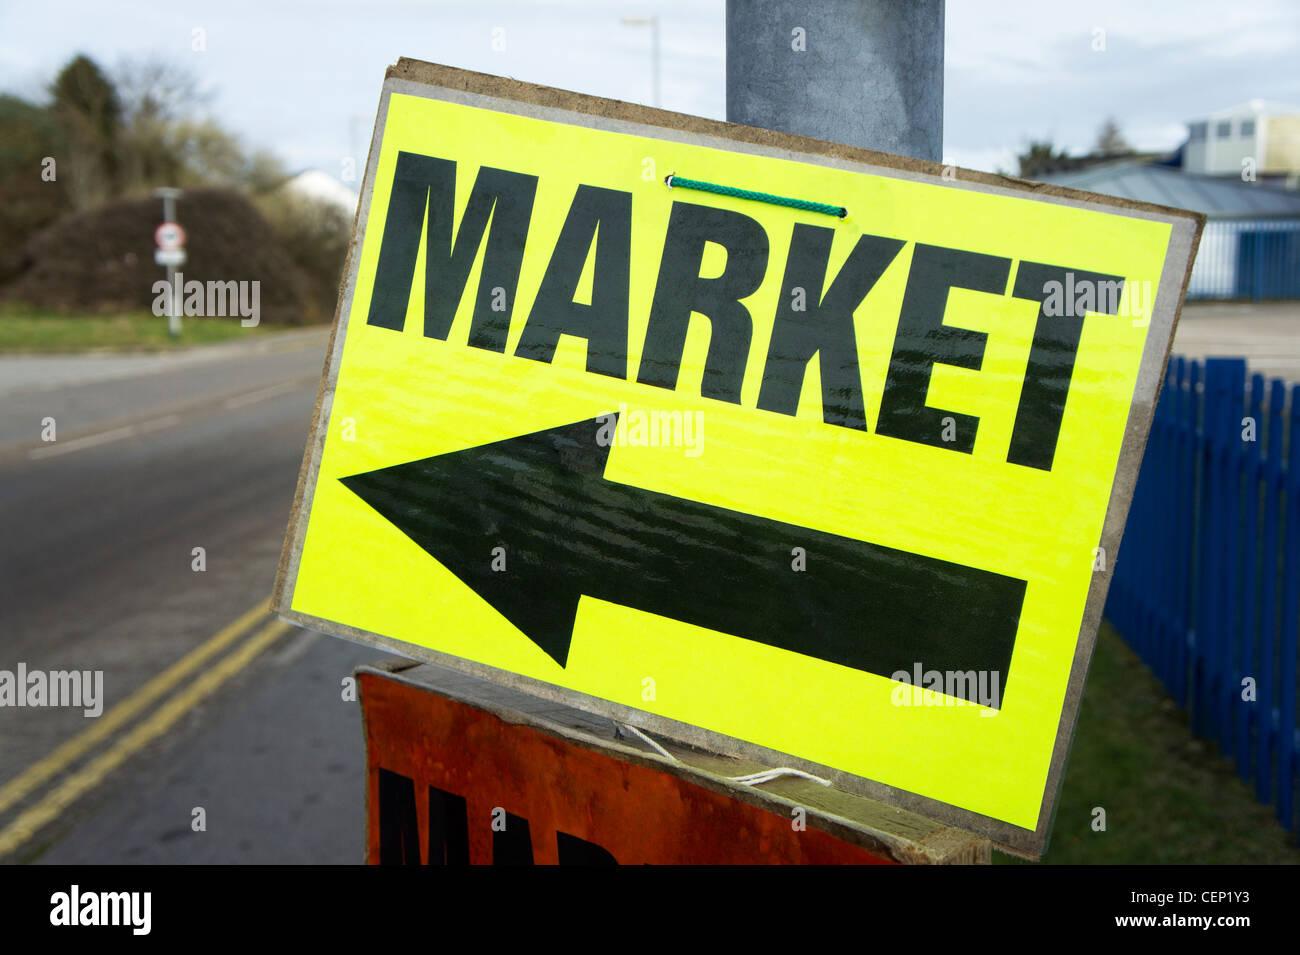 Un segno di direzione per un mercato locale in Bolton, Lancashire, Regno Unito Immagini Stock